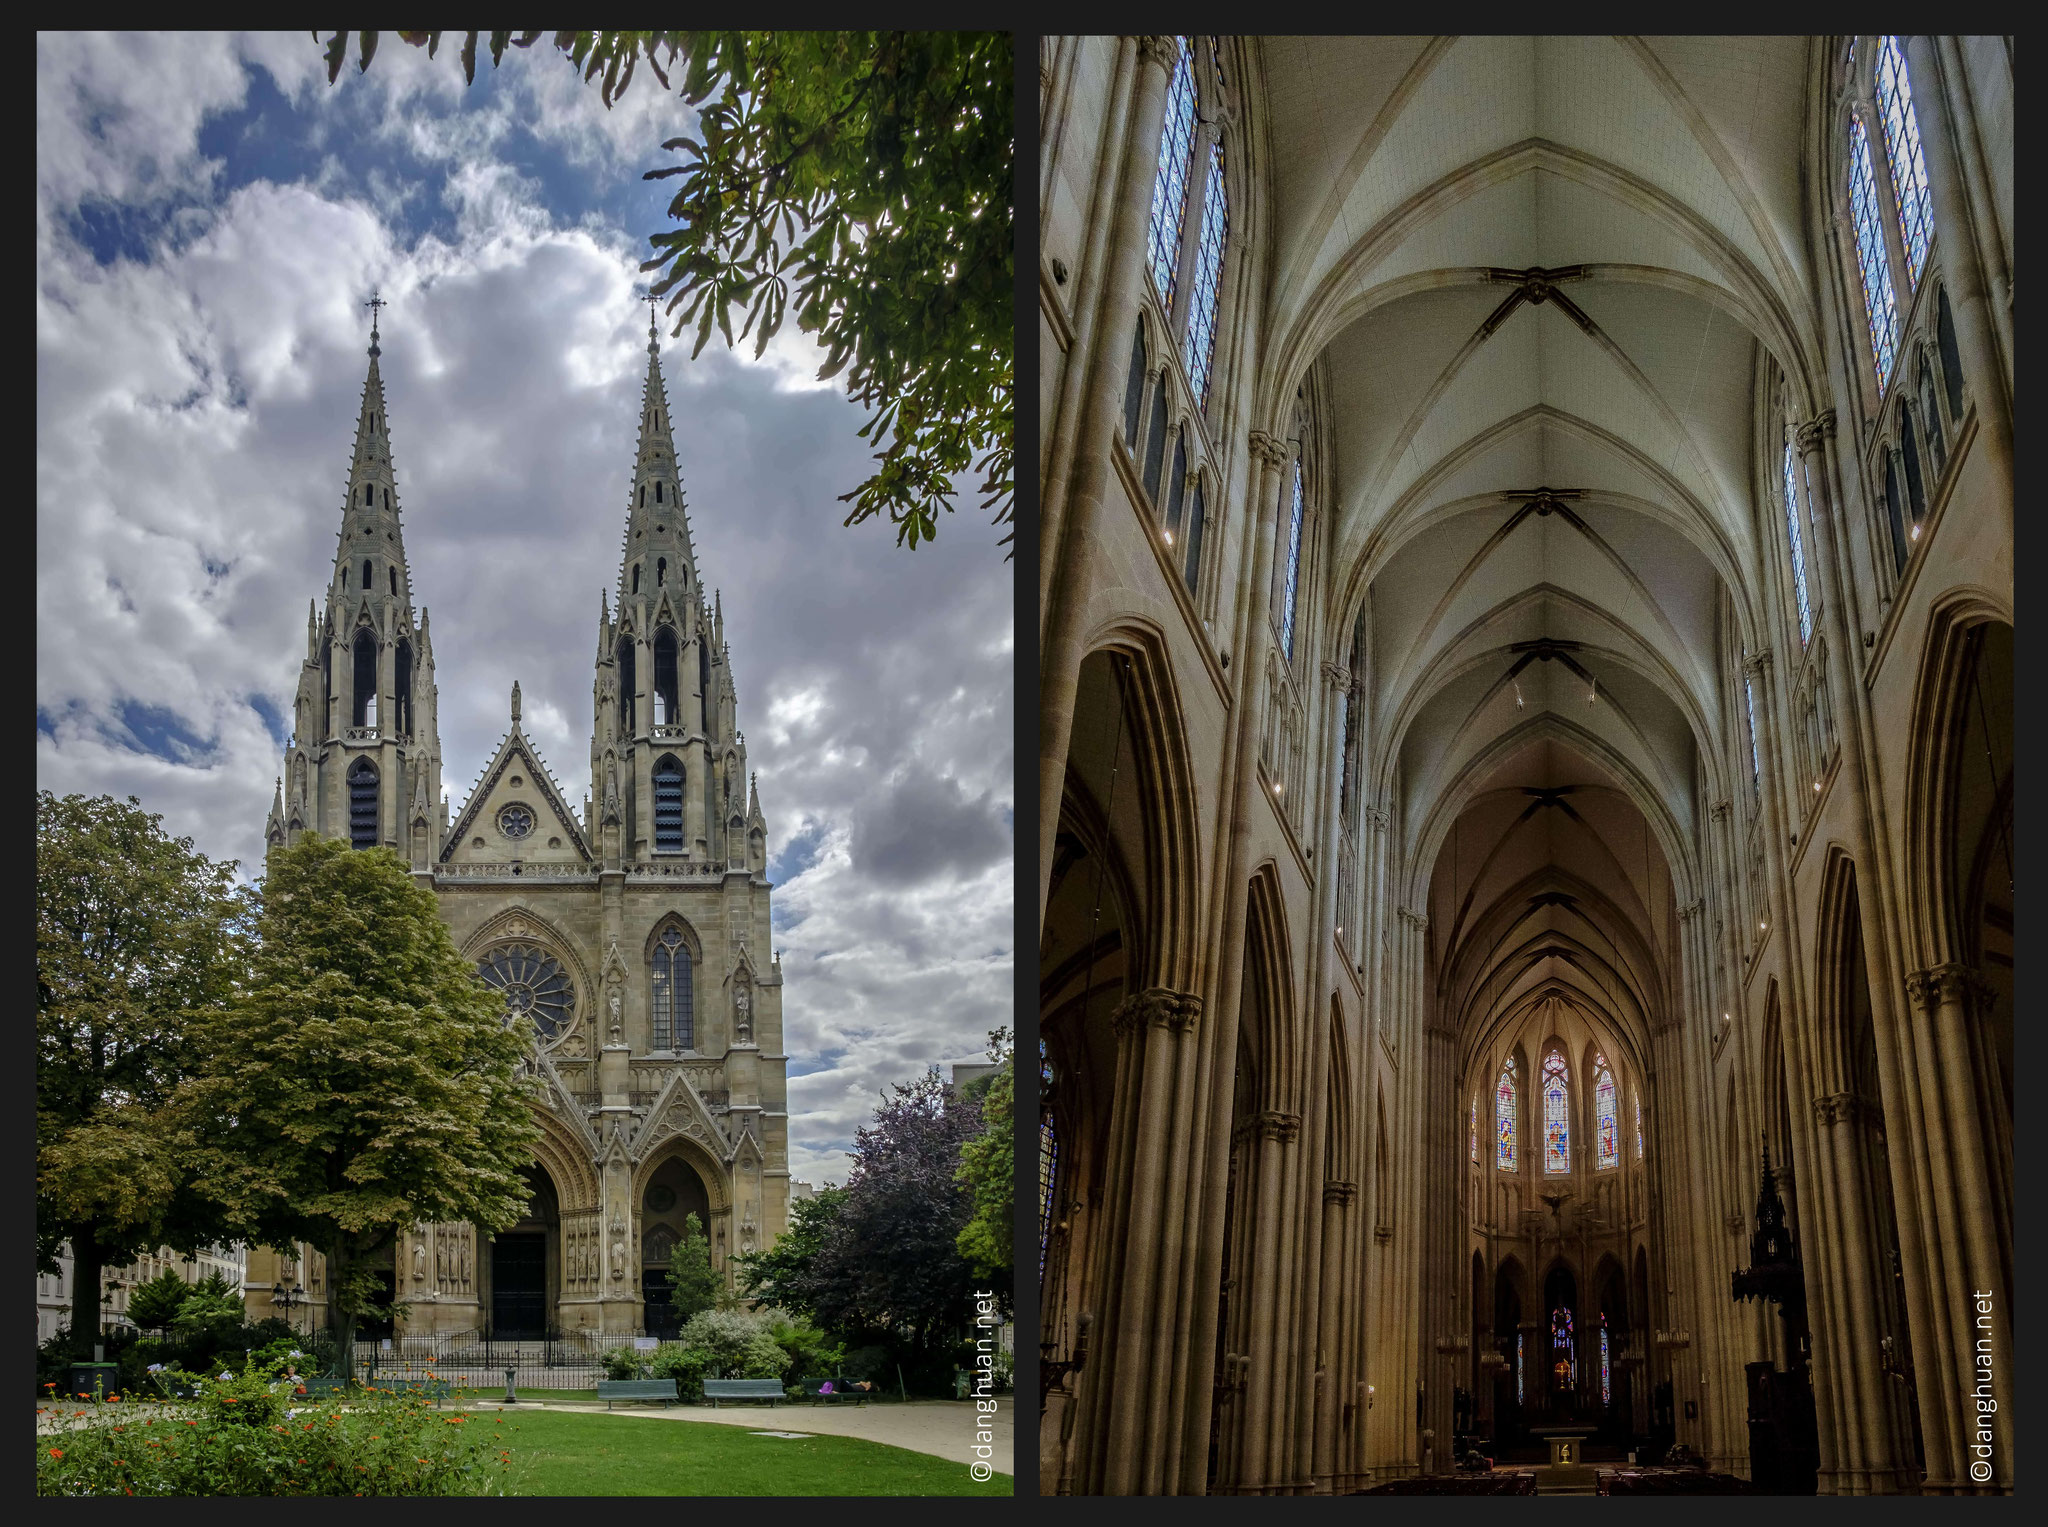 Basilique Sainte Clotilde - de style gothique ogival, début de construction : 1846, architectes : François Chrétien Gau puis Théodore Ballu